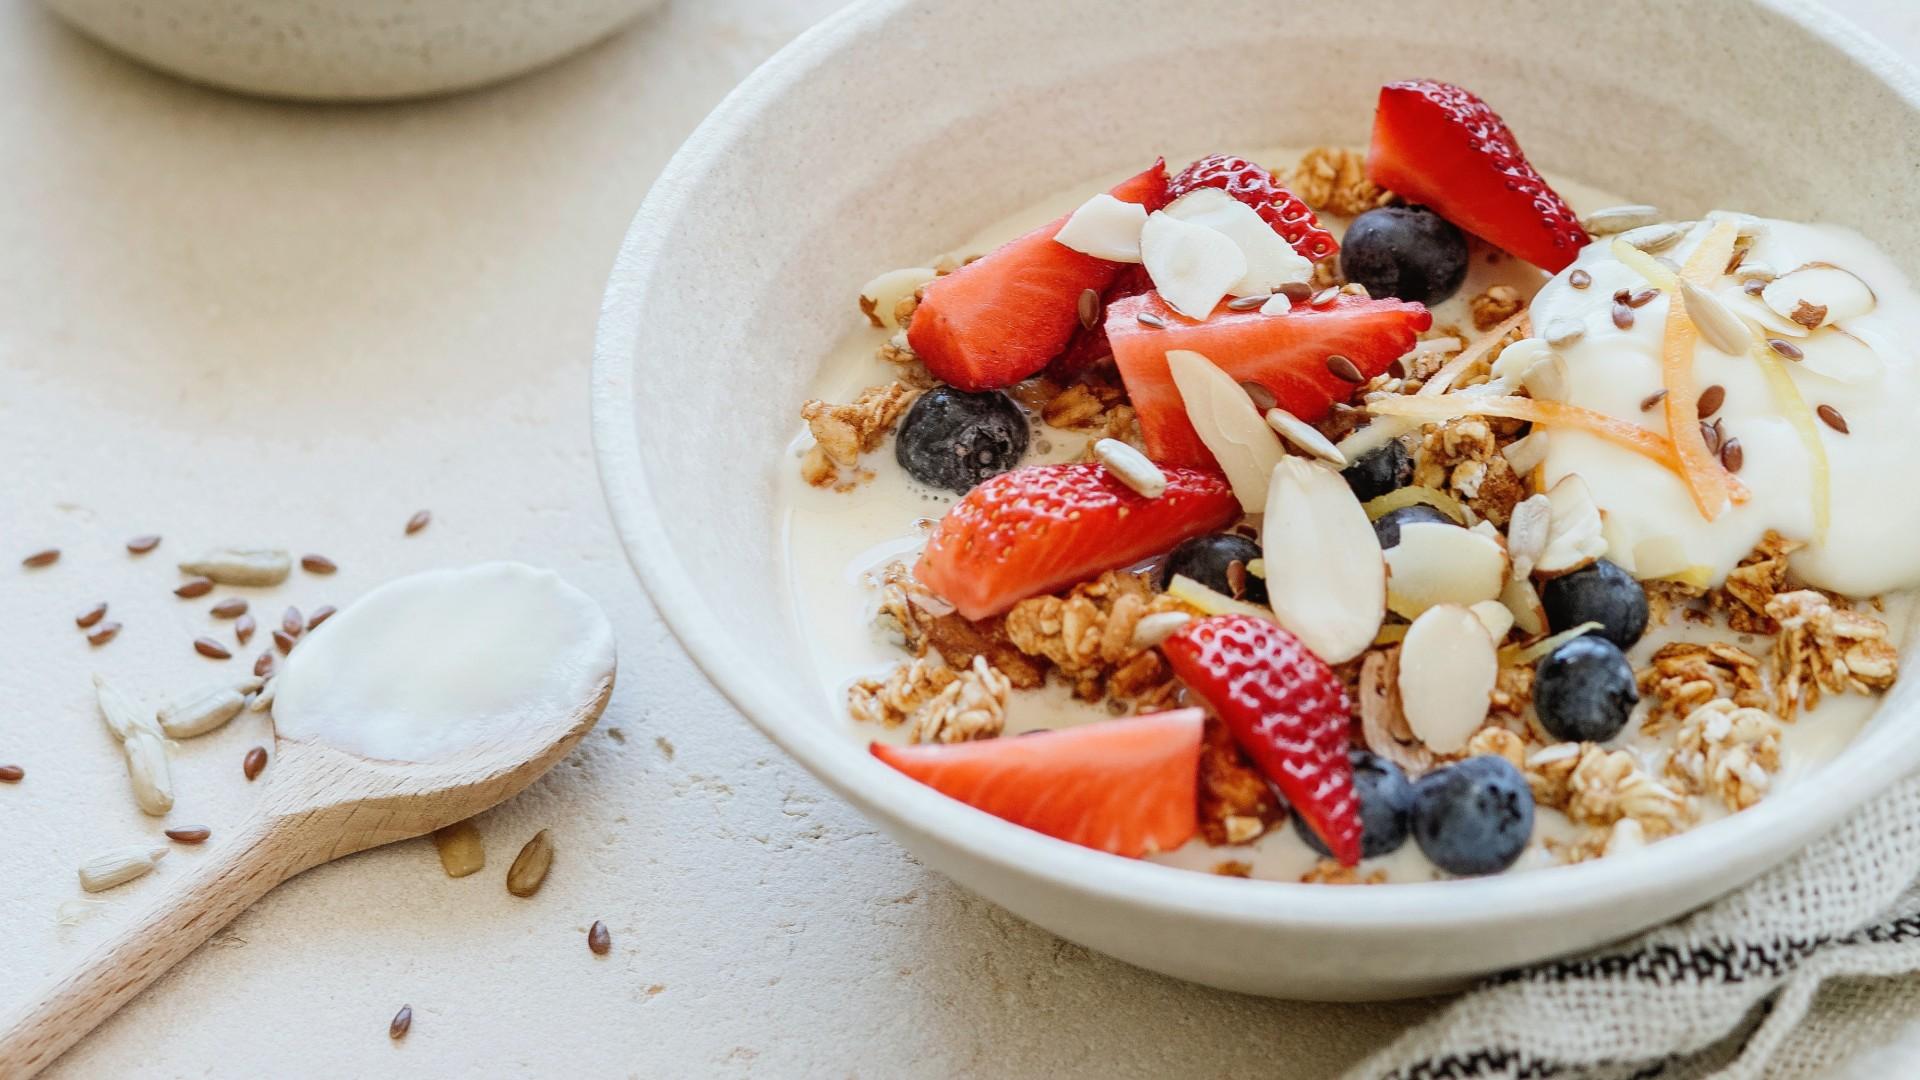 Come sano y muévete